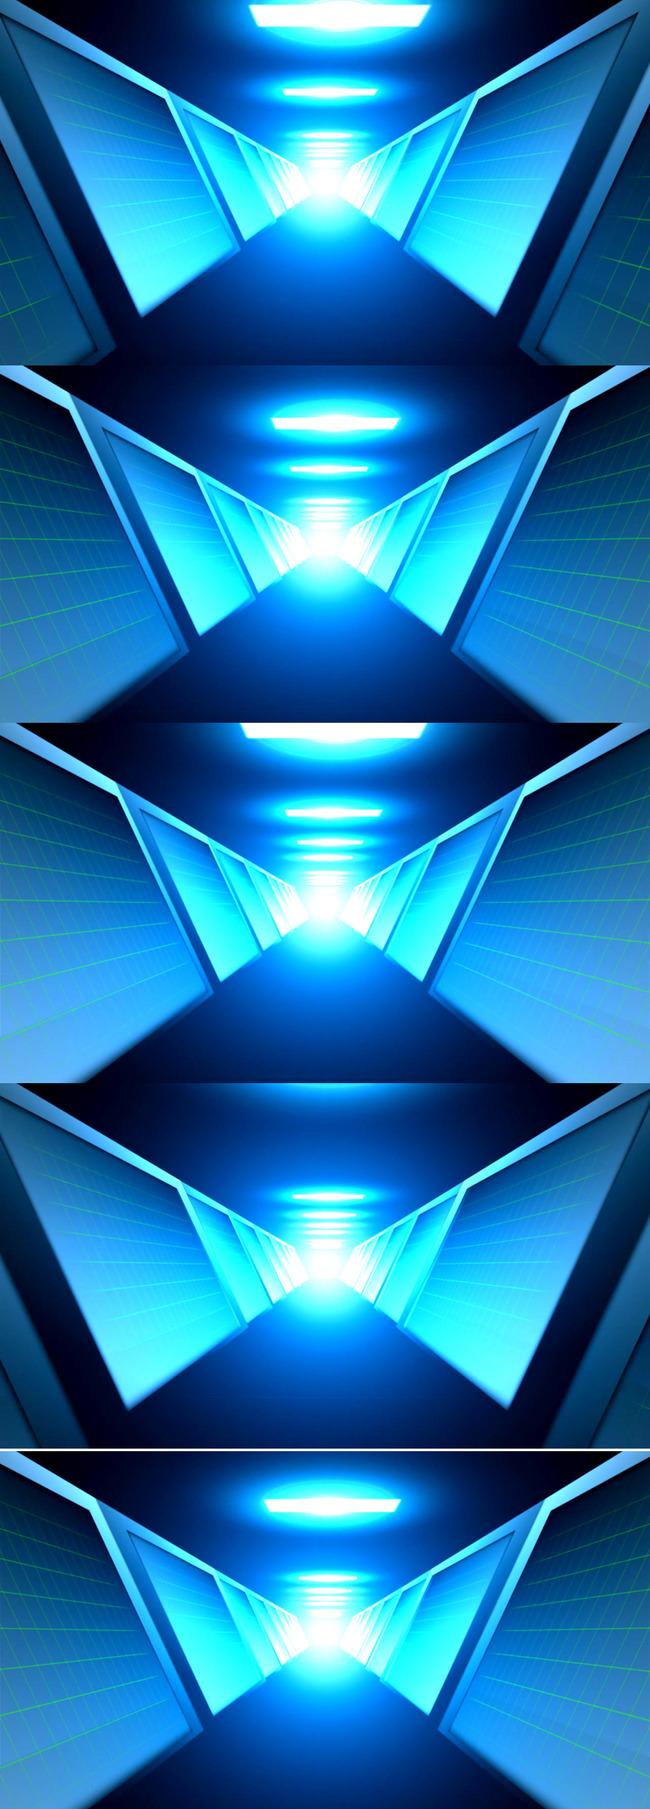 高清光伏发电宣传片背景素材模板下载(图片编号:)